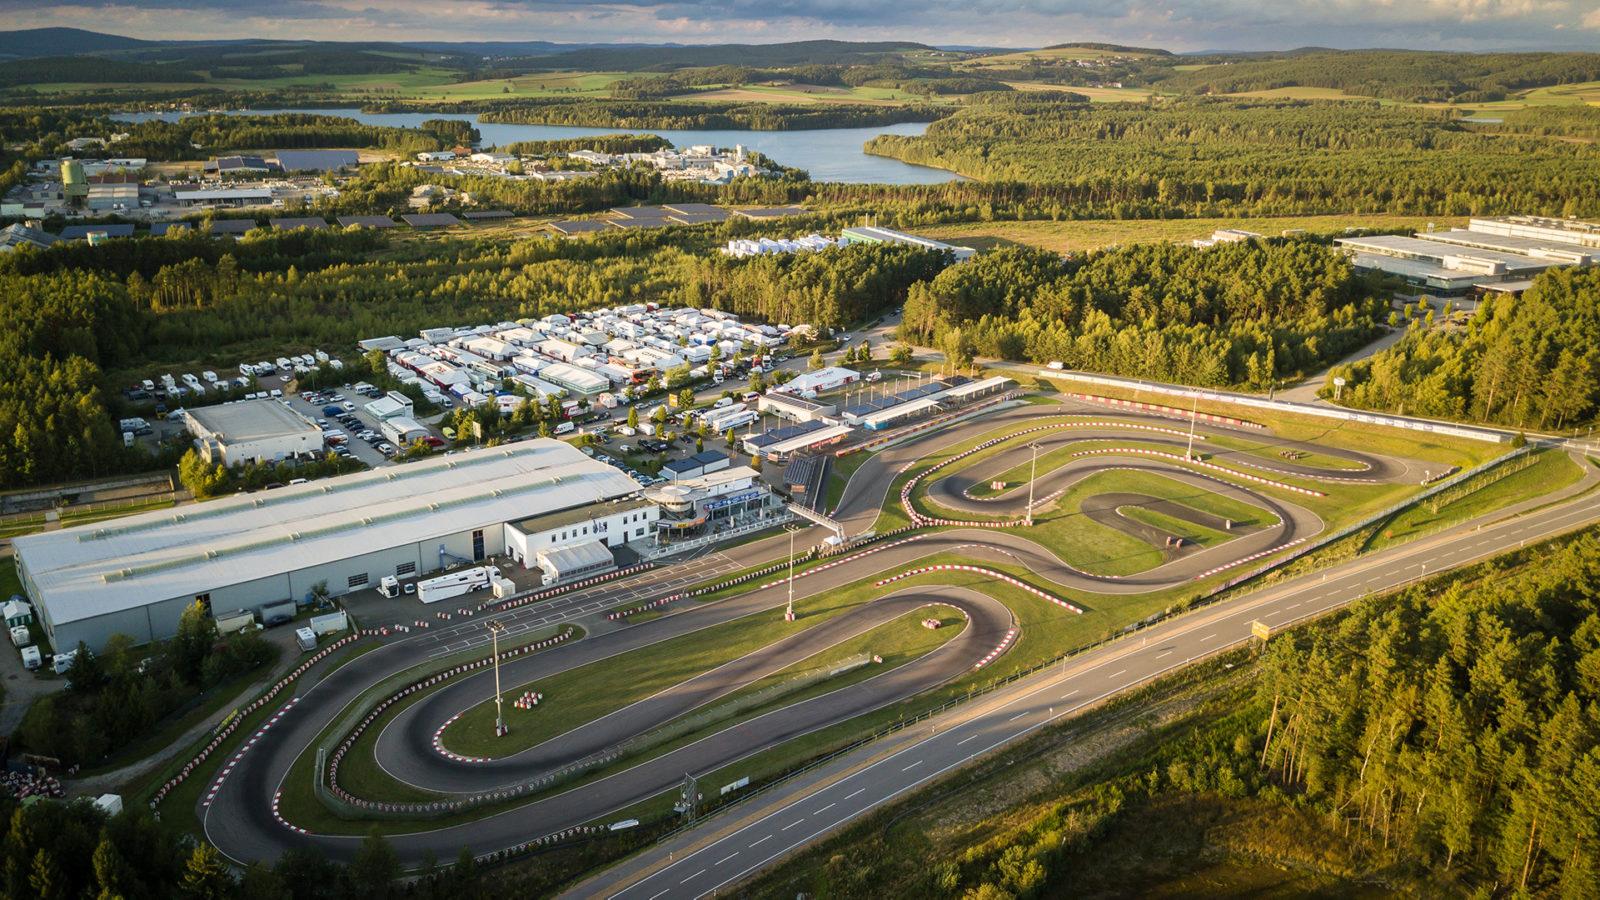 Wackersdorf karting circuit aerial